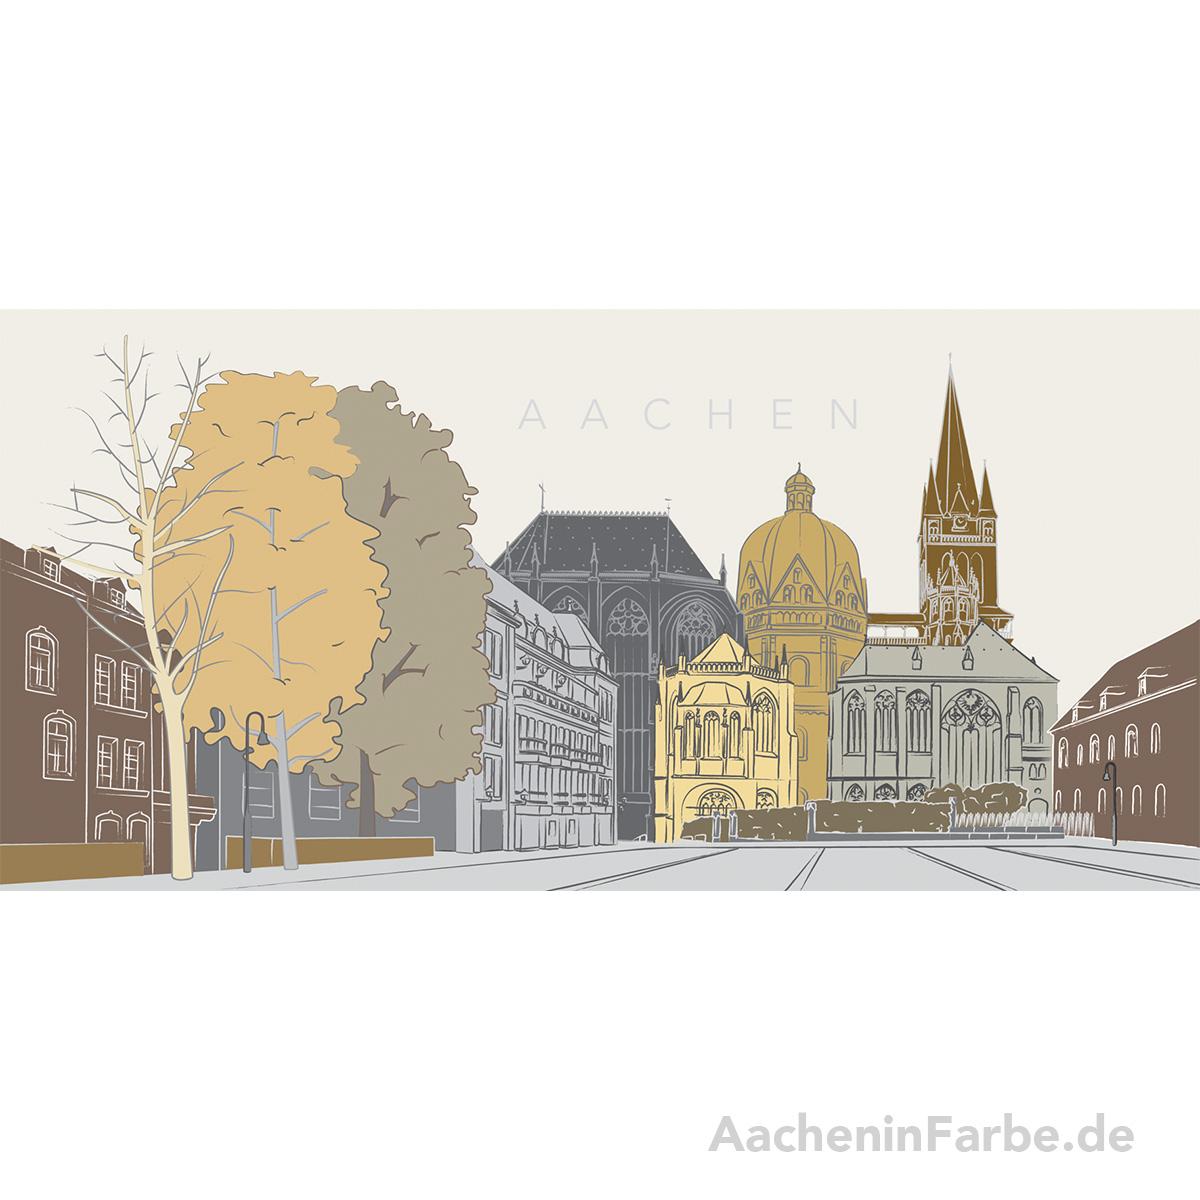 """Grußkarte """"Aachen"""" Aachener Dom, pastell"""